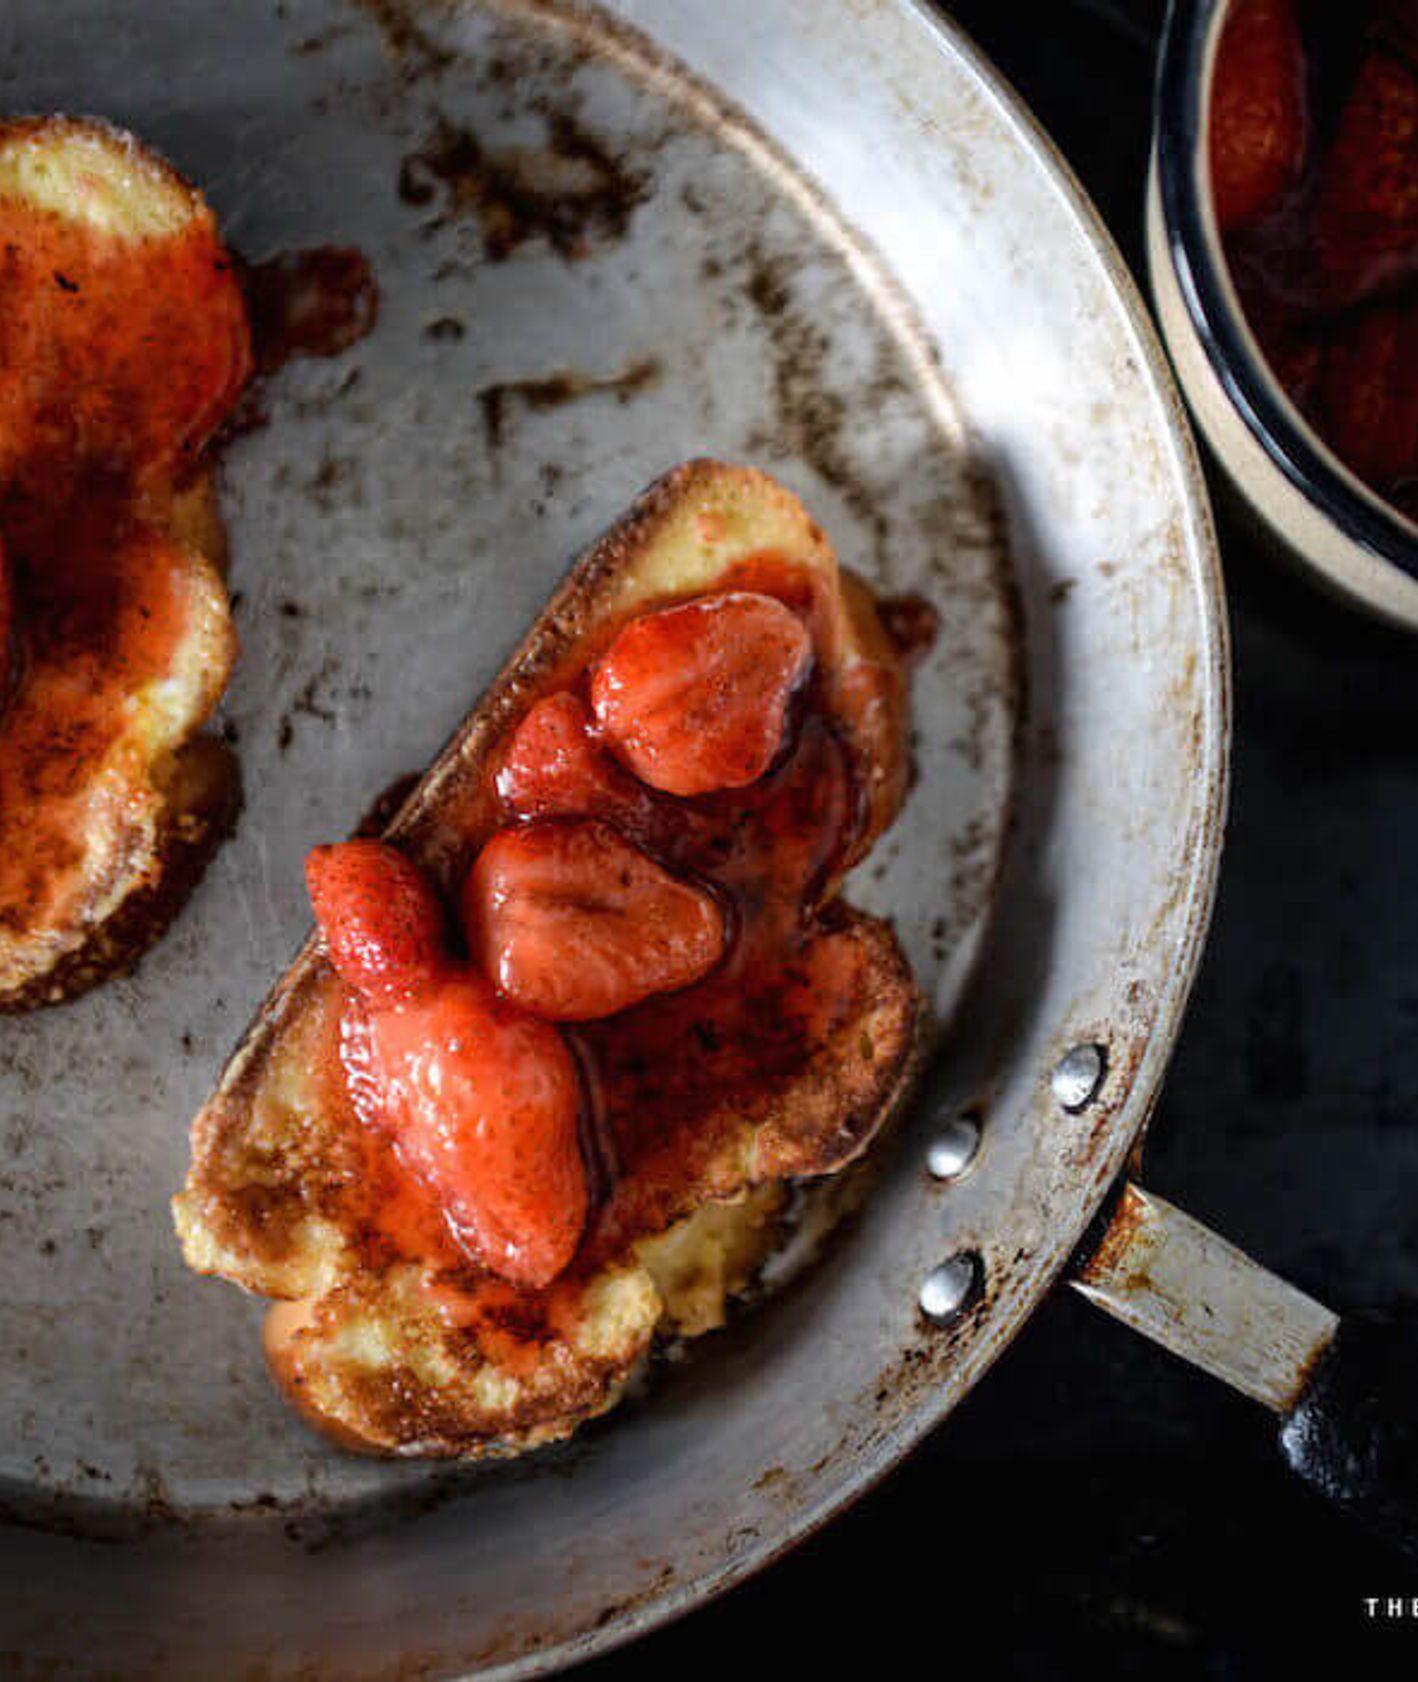 tosty z chałki, tosty francuskie, śniadanie na słodko, słodkie śniadanie, tosty francuskie z owocami, tosty francuskie z truskawkami, lekkie śniadanie,, domowa chałka, sposób na czerstwą chałkę, co z czerstwego chleba